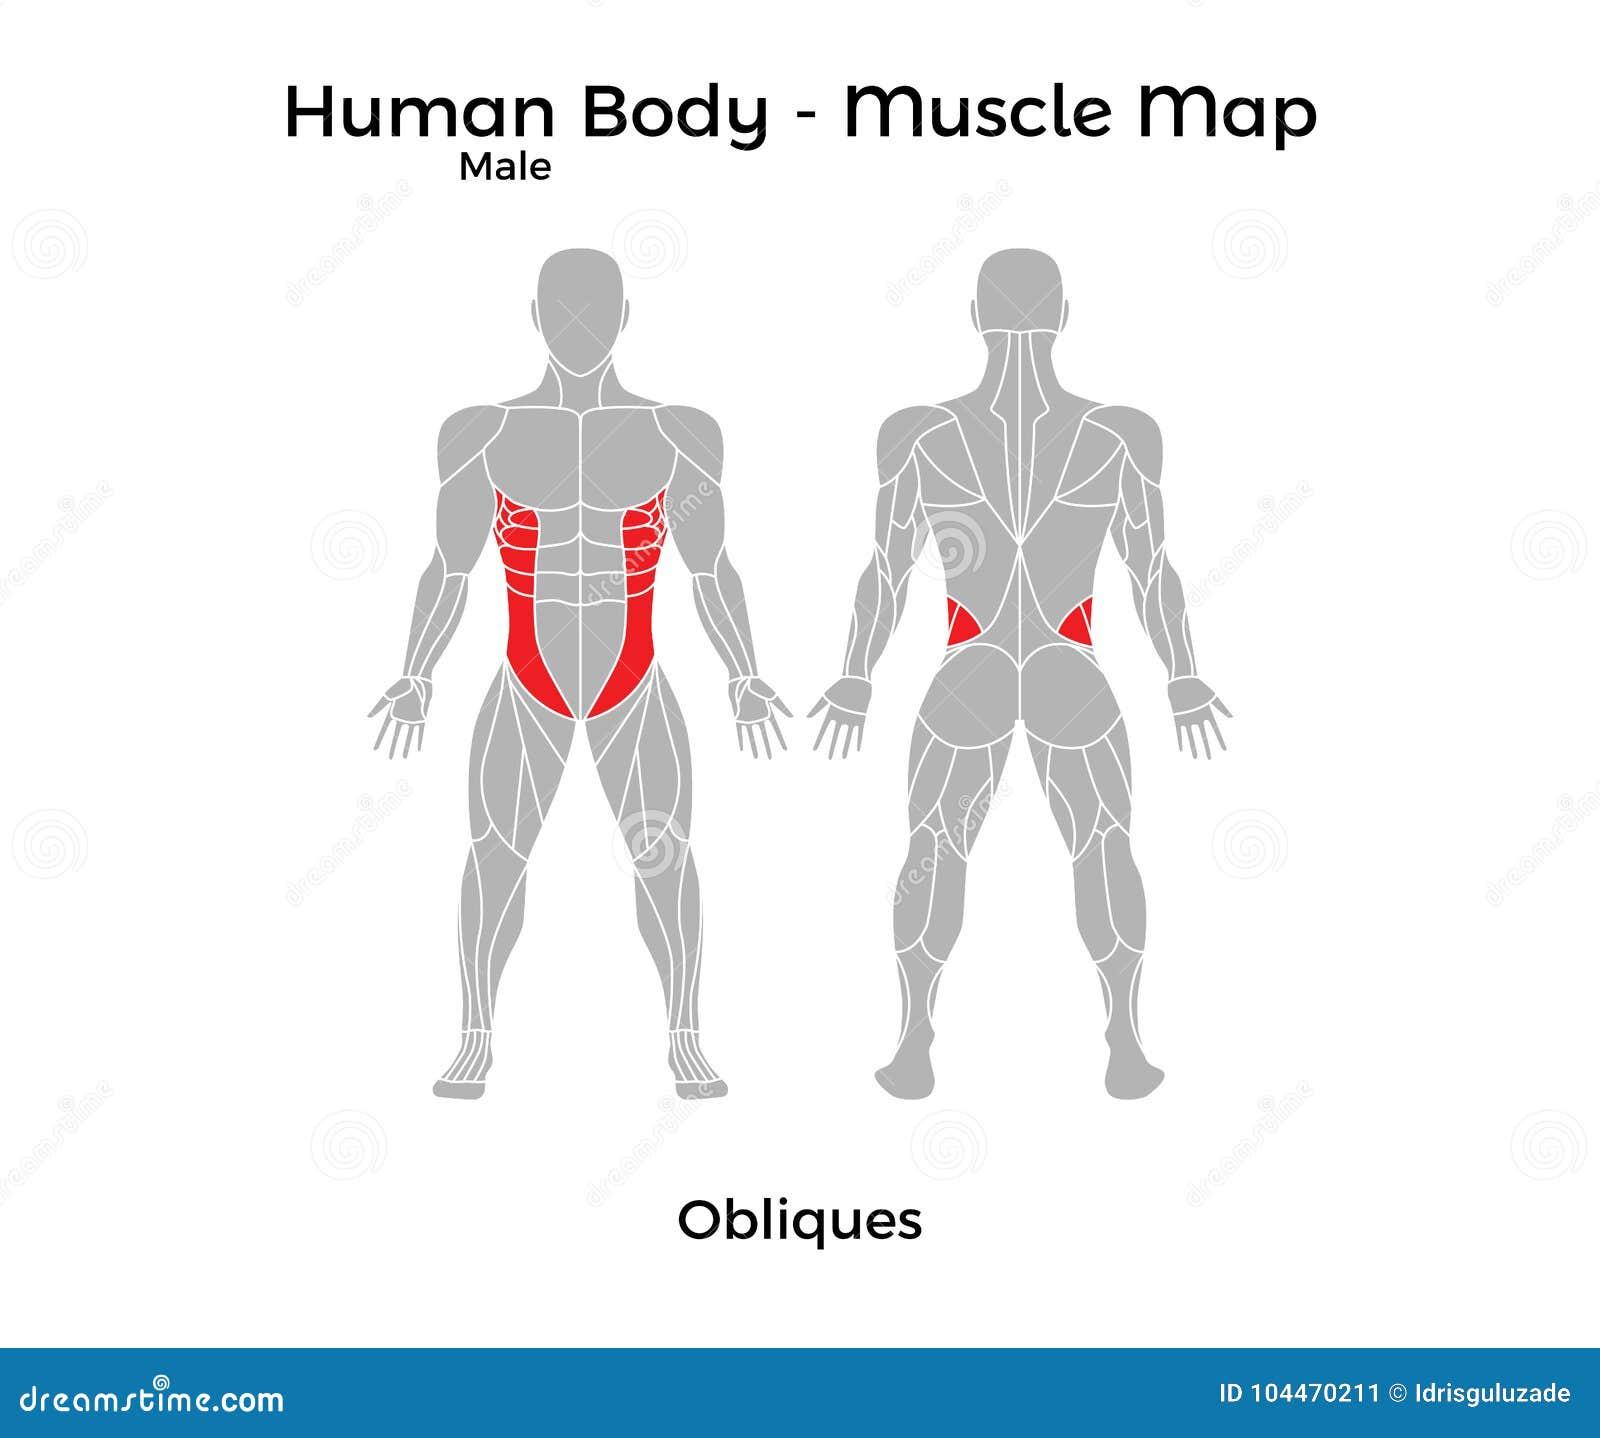 Niedlich Obliques Fotos - Menschliche Anatomie Bilder - madeinkibera.com